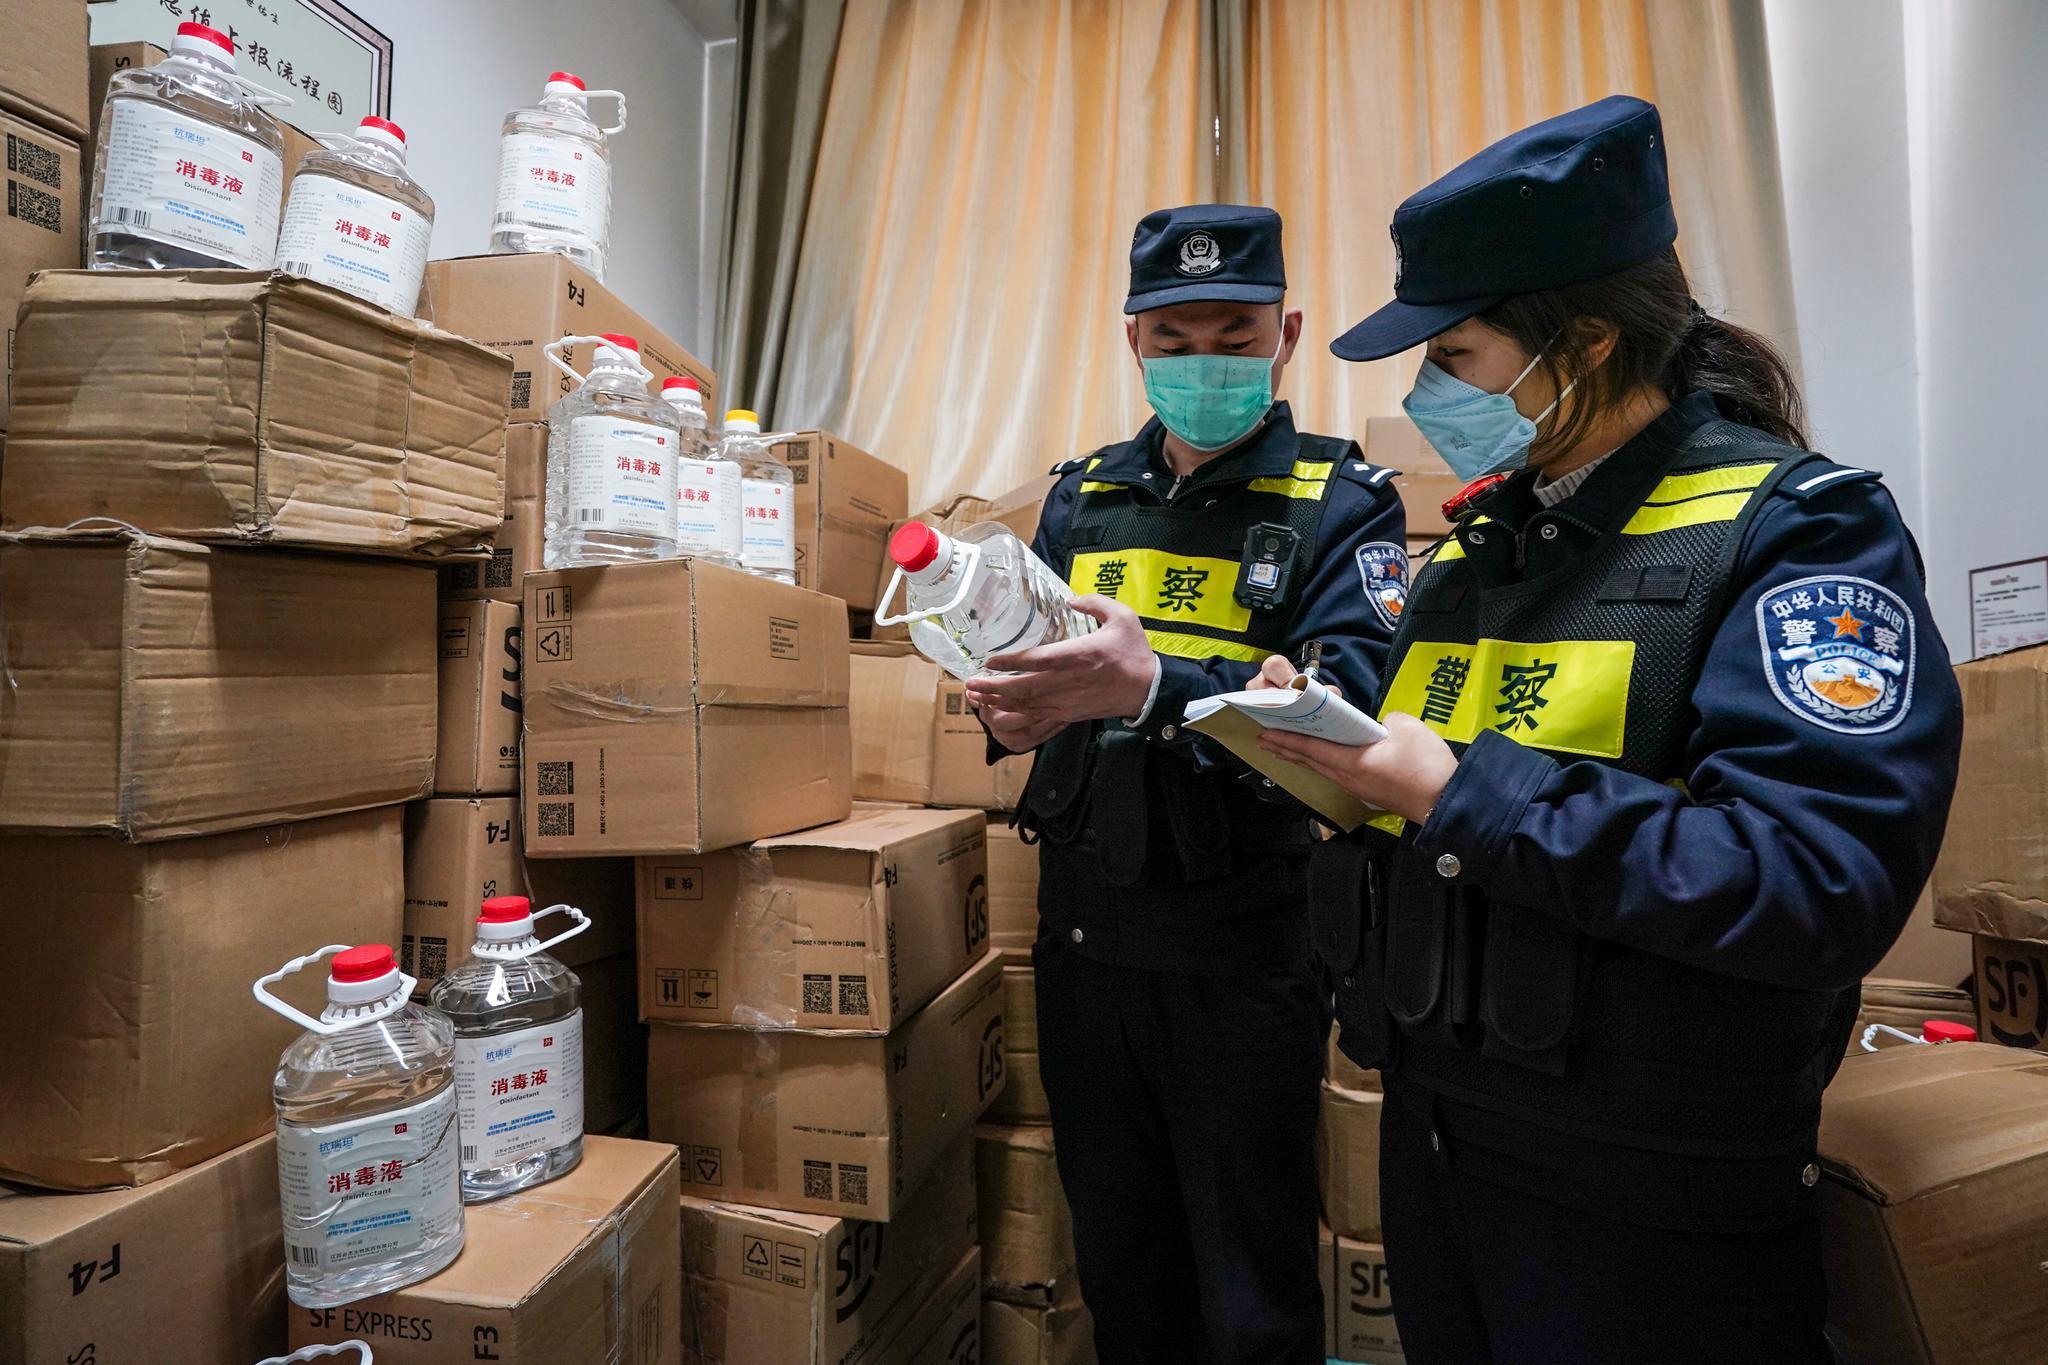 南京警方查处一违法存储2.5吨医用酒精快递点